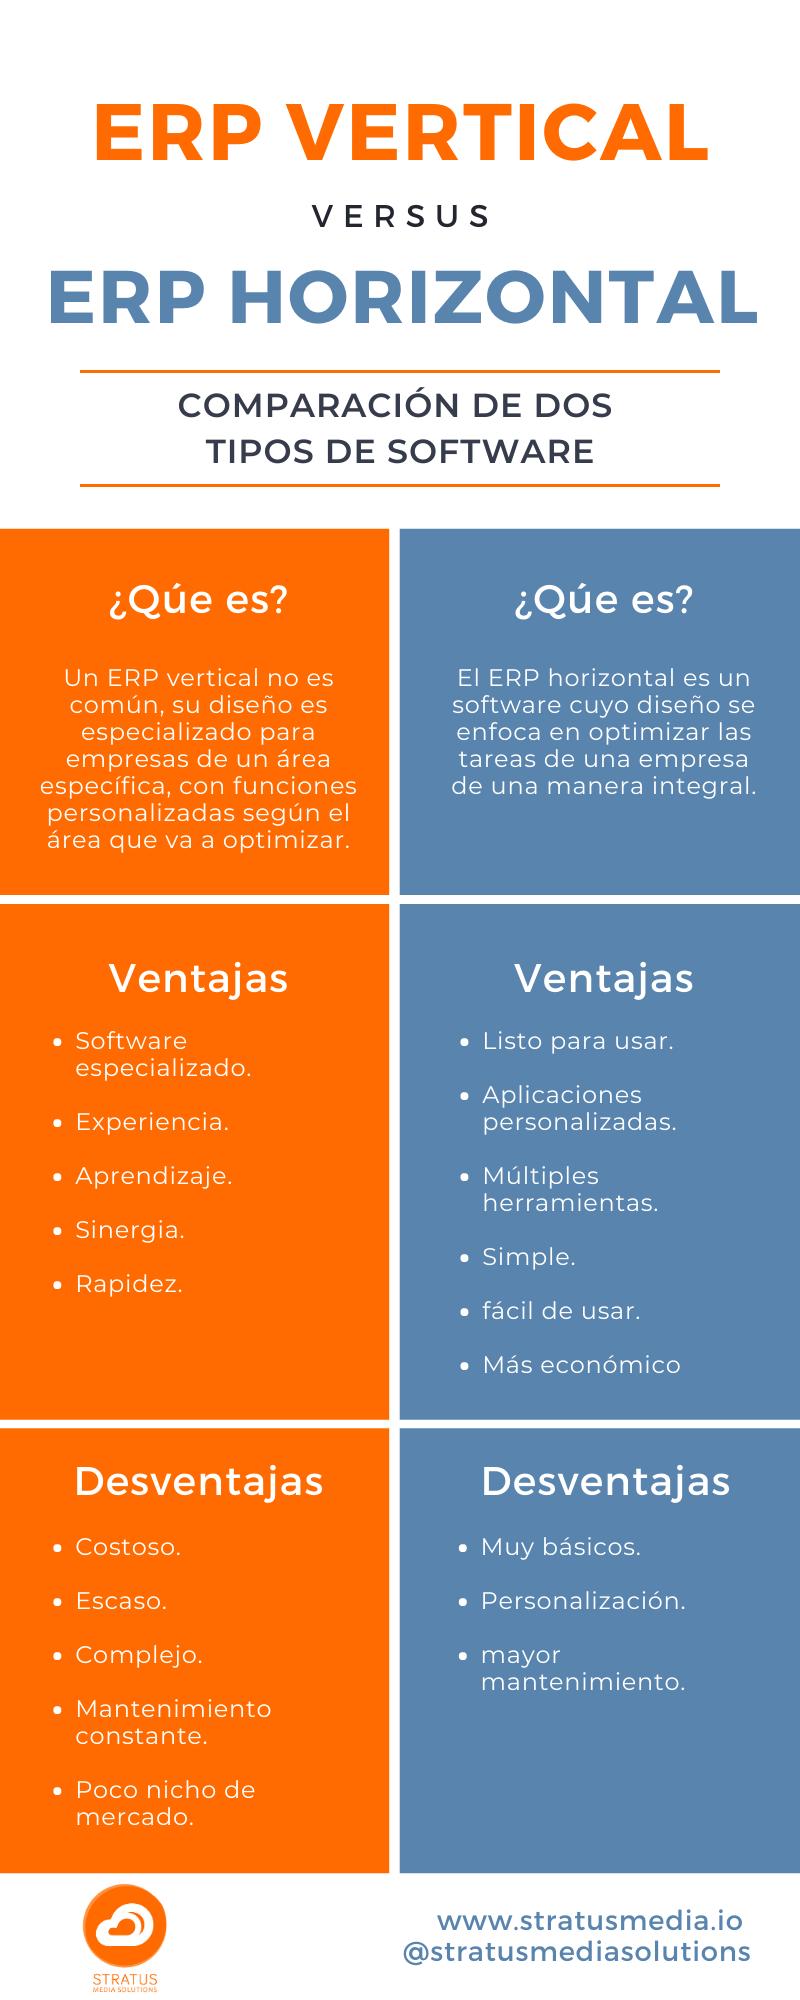 Infografía comparación ERP vertical vs ERP horizontal